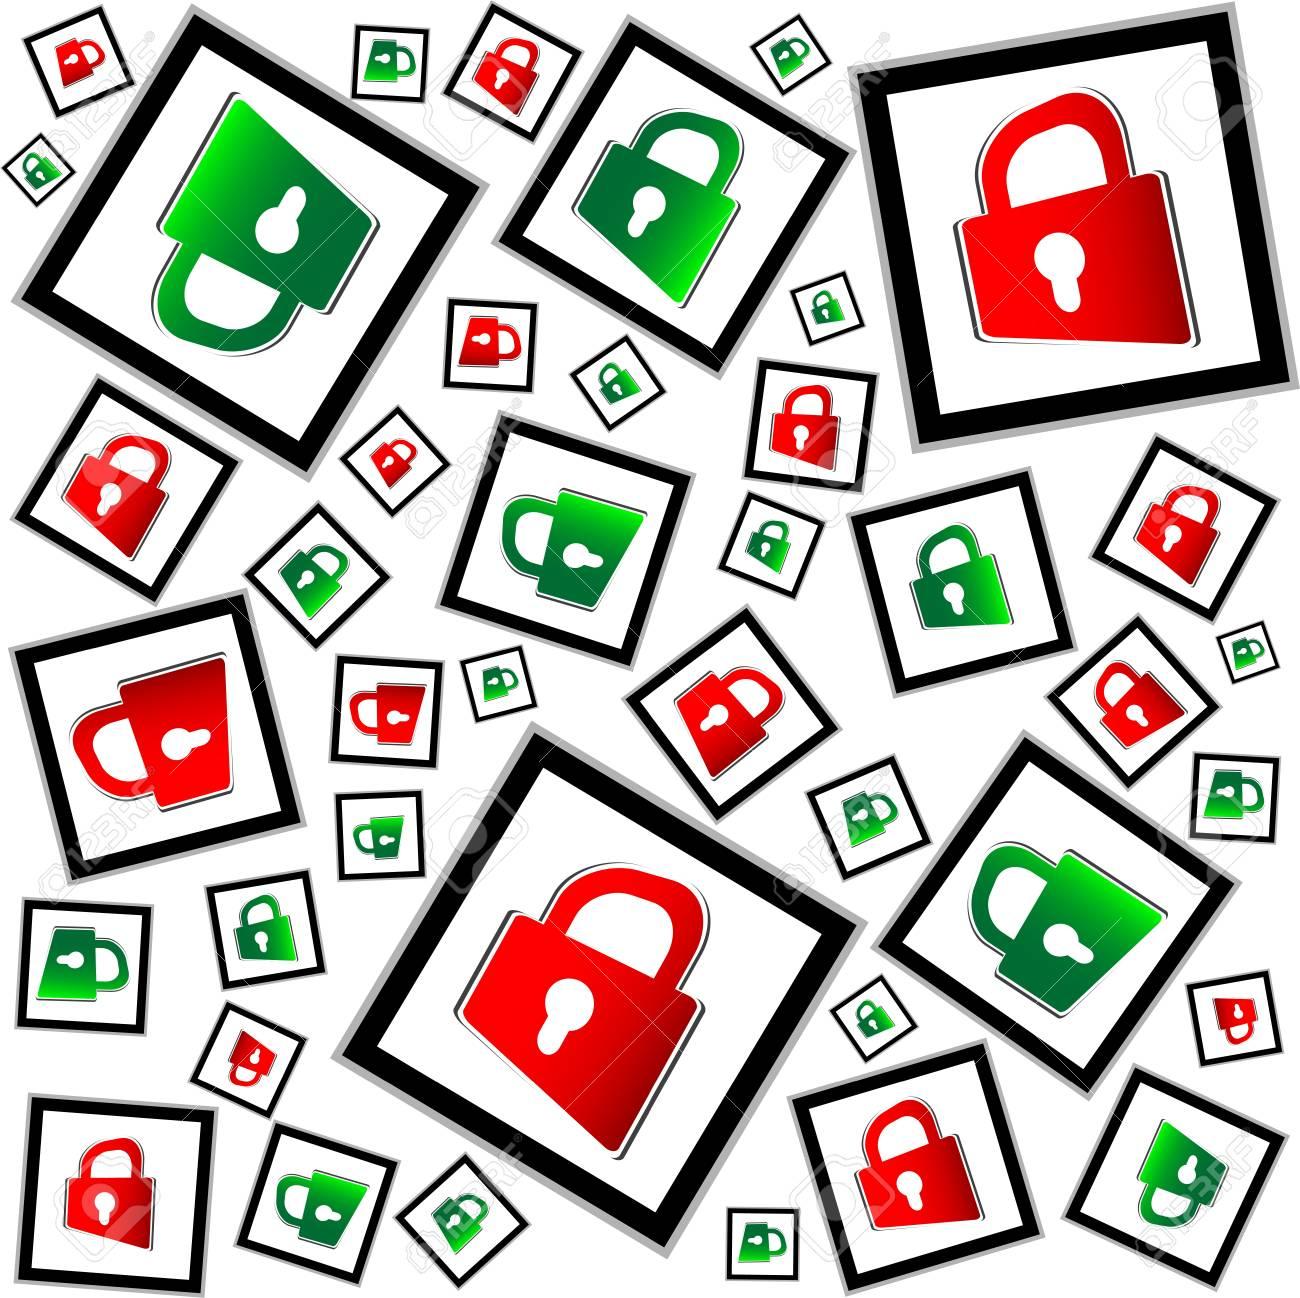 rot und grn vorhngeschlssern nahtlose vektor muster sicherheitskonzept standard bild 18409054 - Sicherheitskonzept Muster